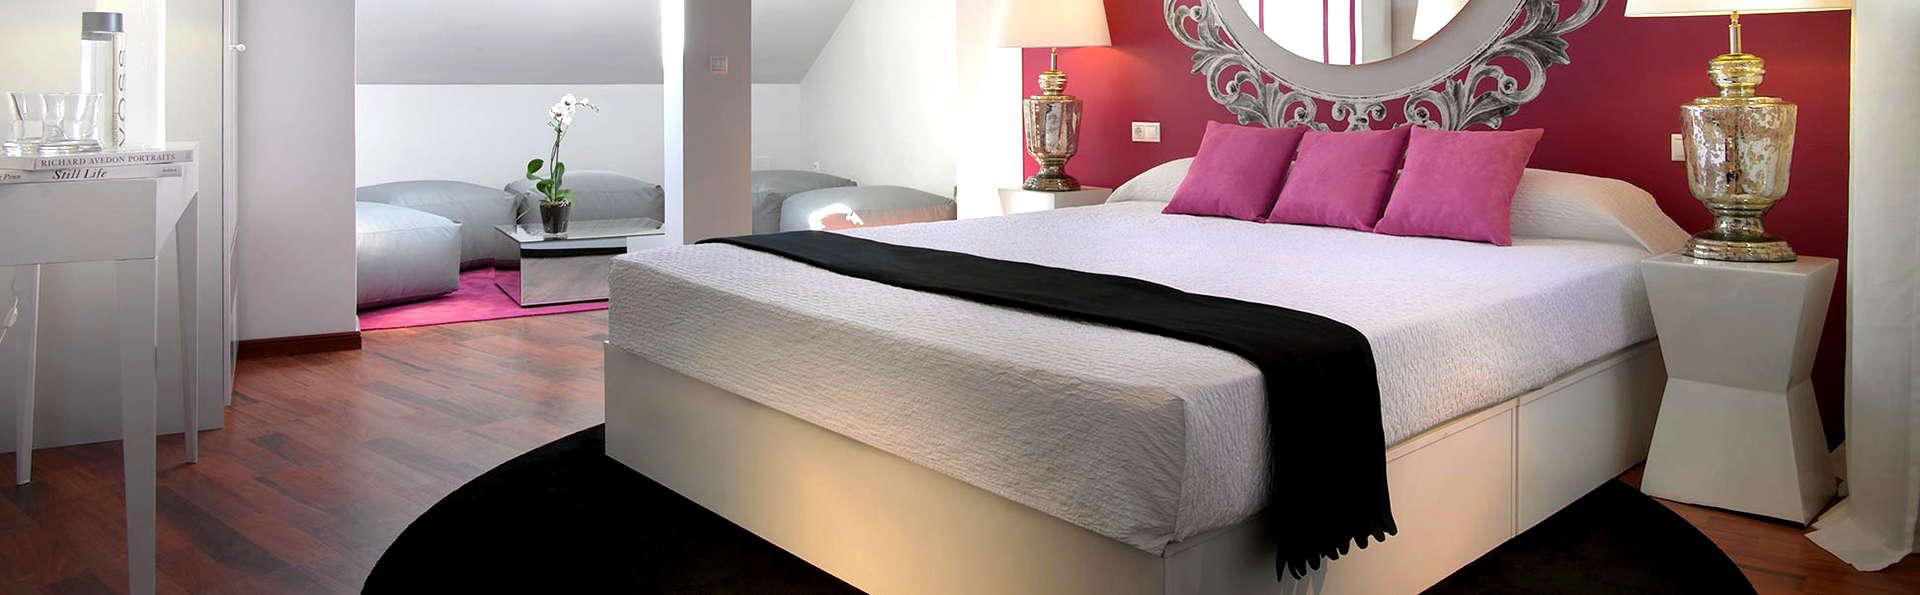 Spécial détente avec accès au spa dans un hôtel au centre de Grenade